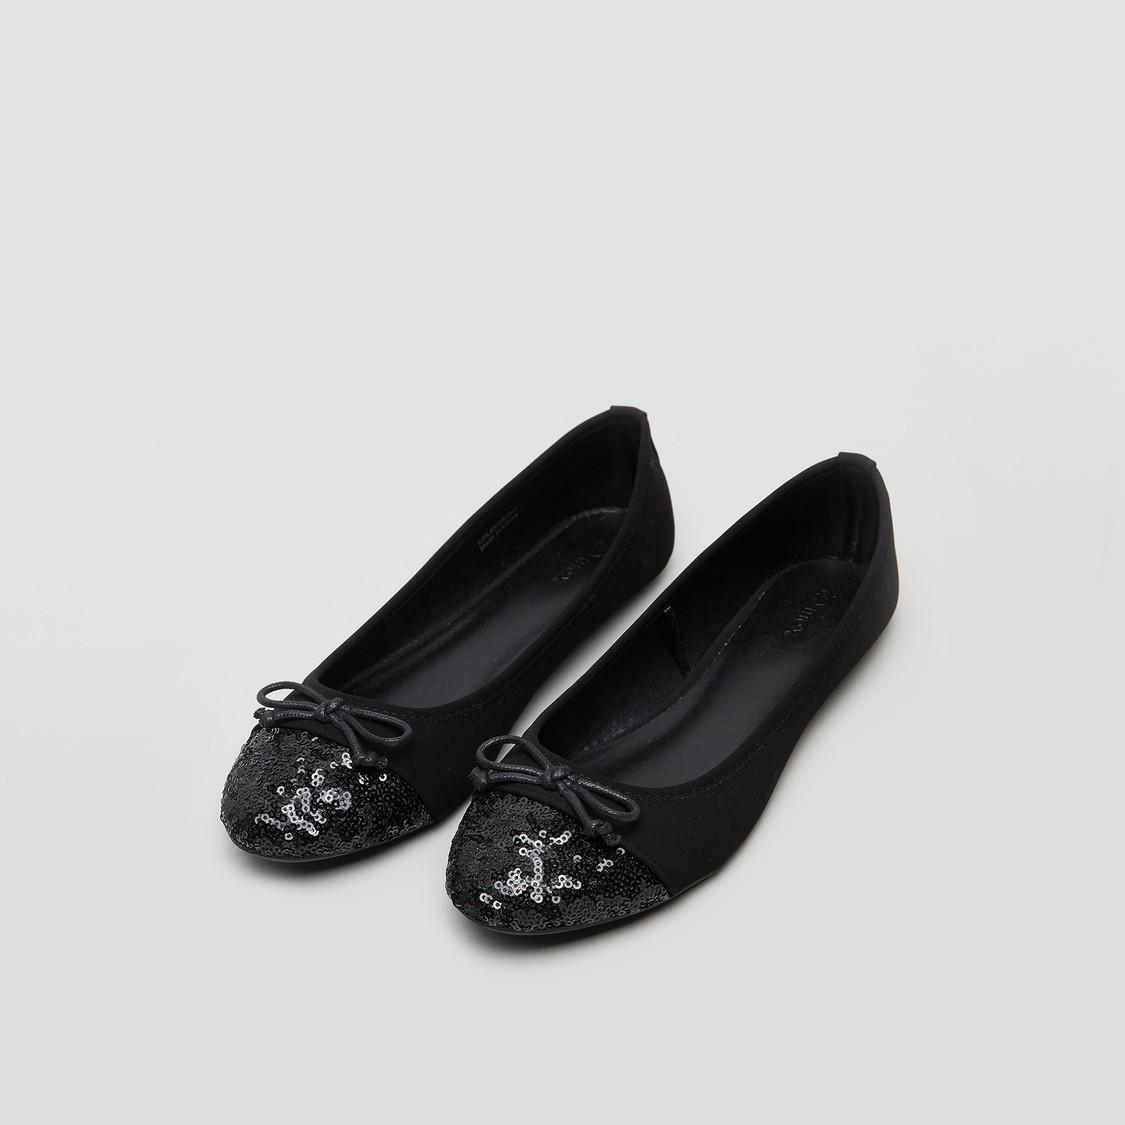 حذاء بالرينا بتفاصيل ترتر مزخرف فيونكة